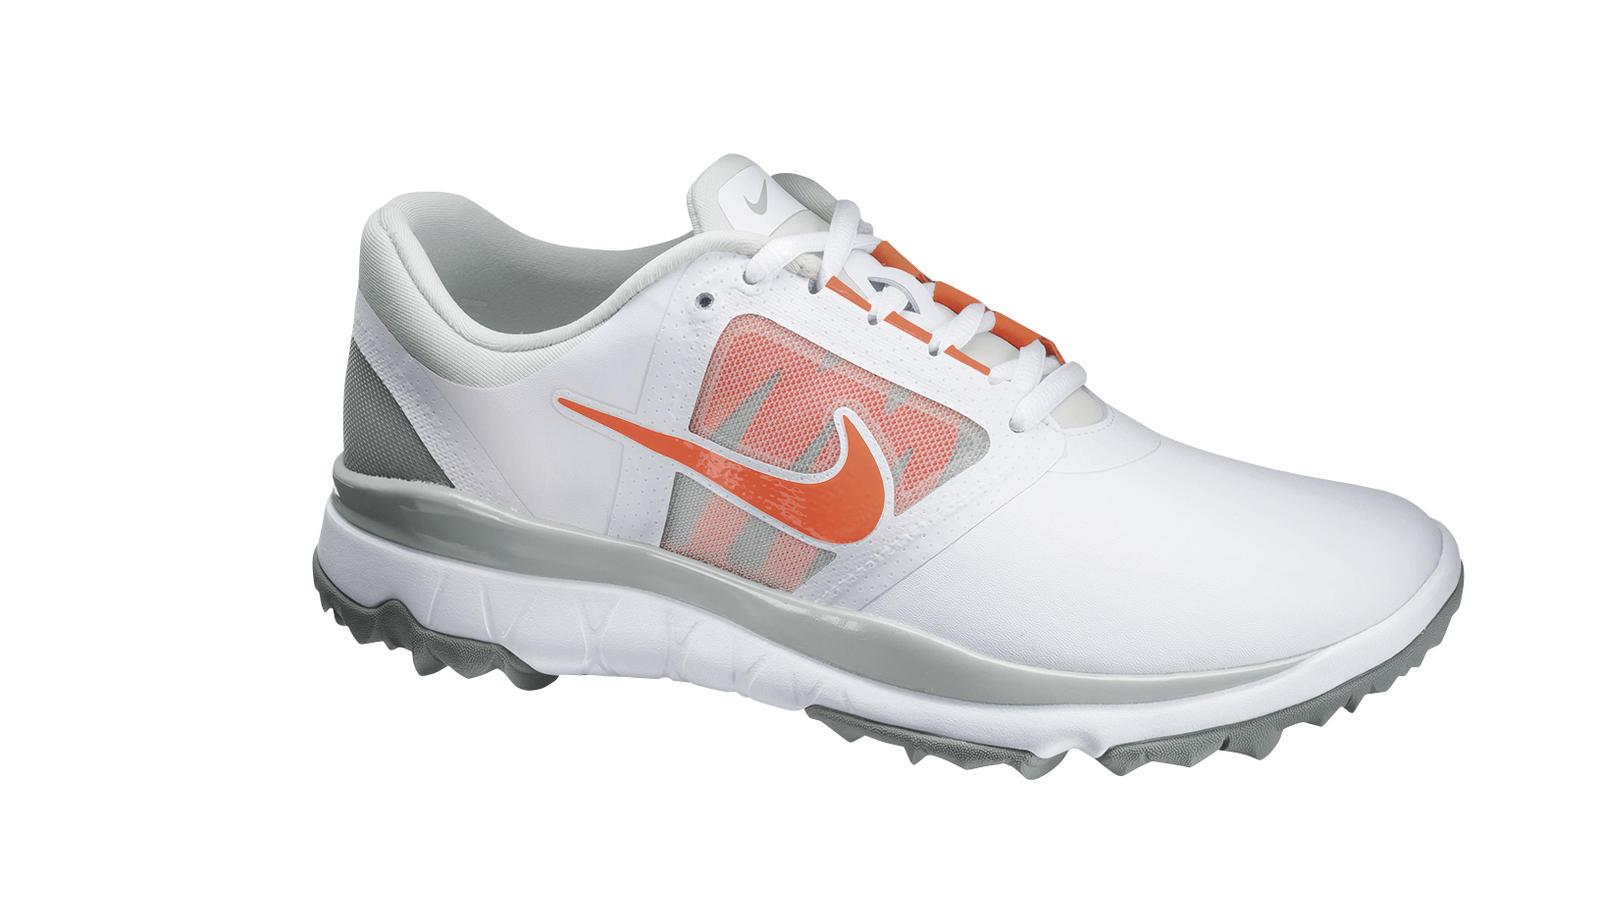 promo code 74741 e8218 Nike FI Impact Womens White Turf Orange